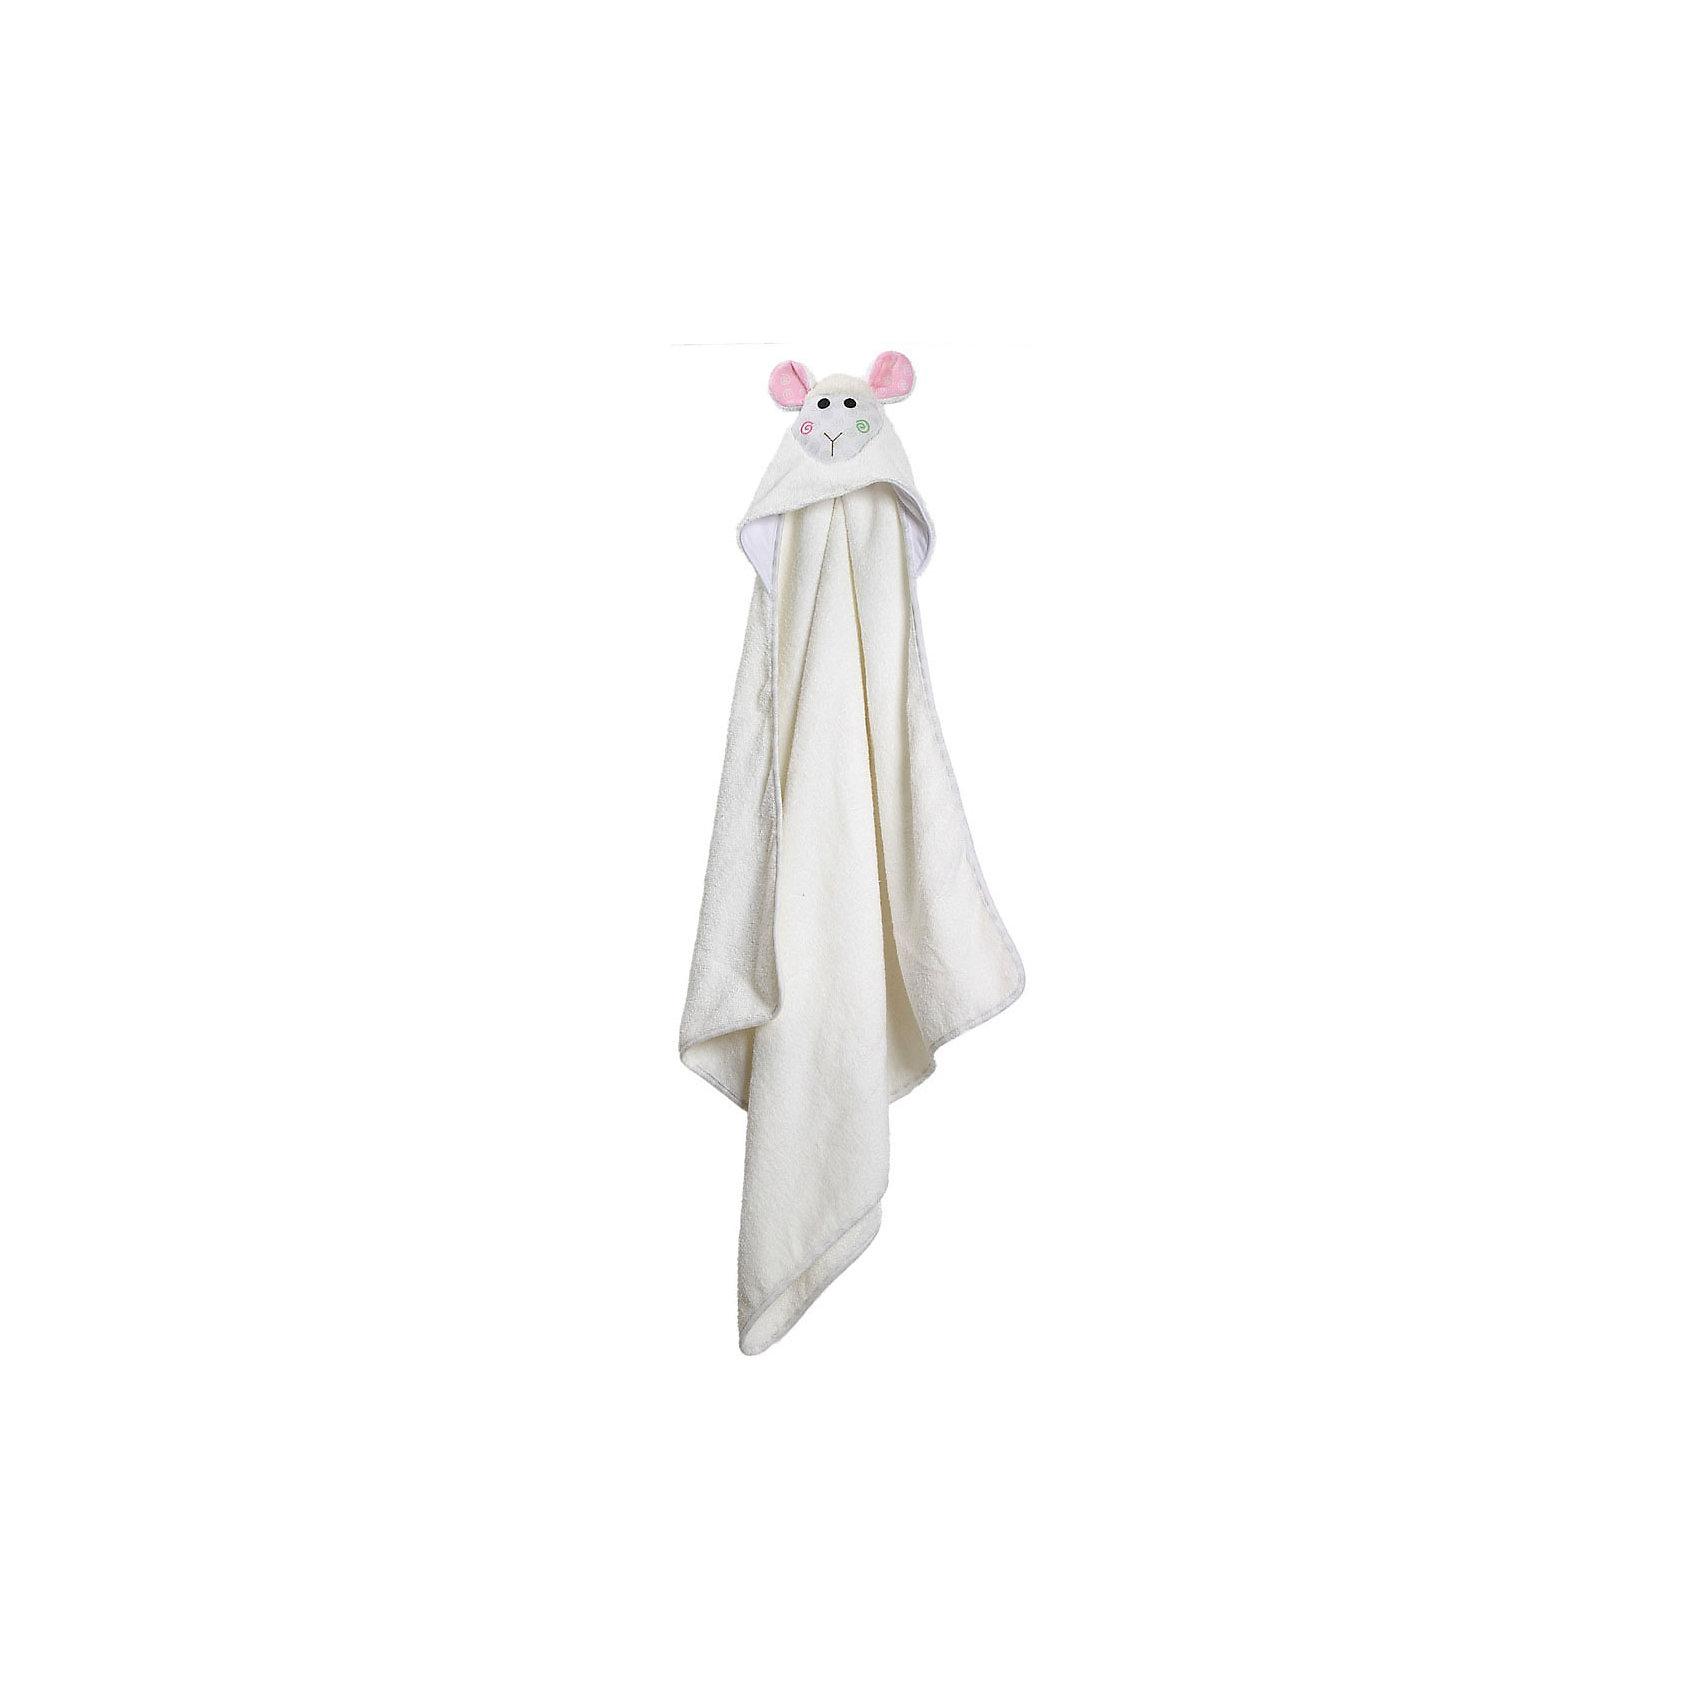 Полотенце с капюшоном Lola the Lamb (0-18 мес.), Zoocchini